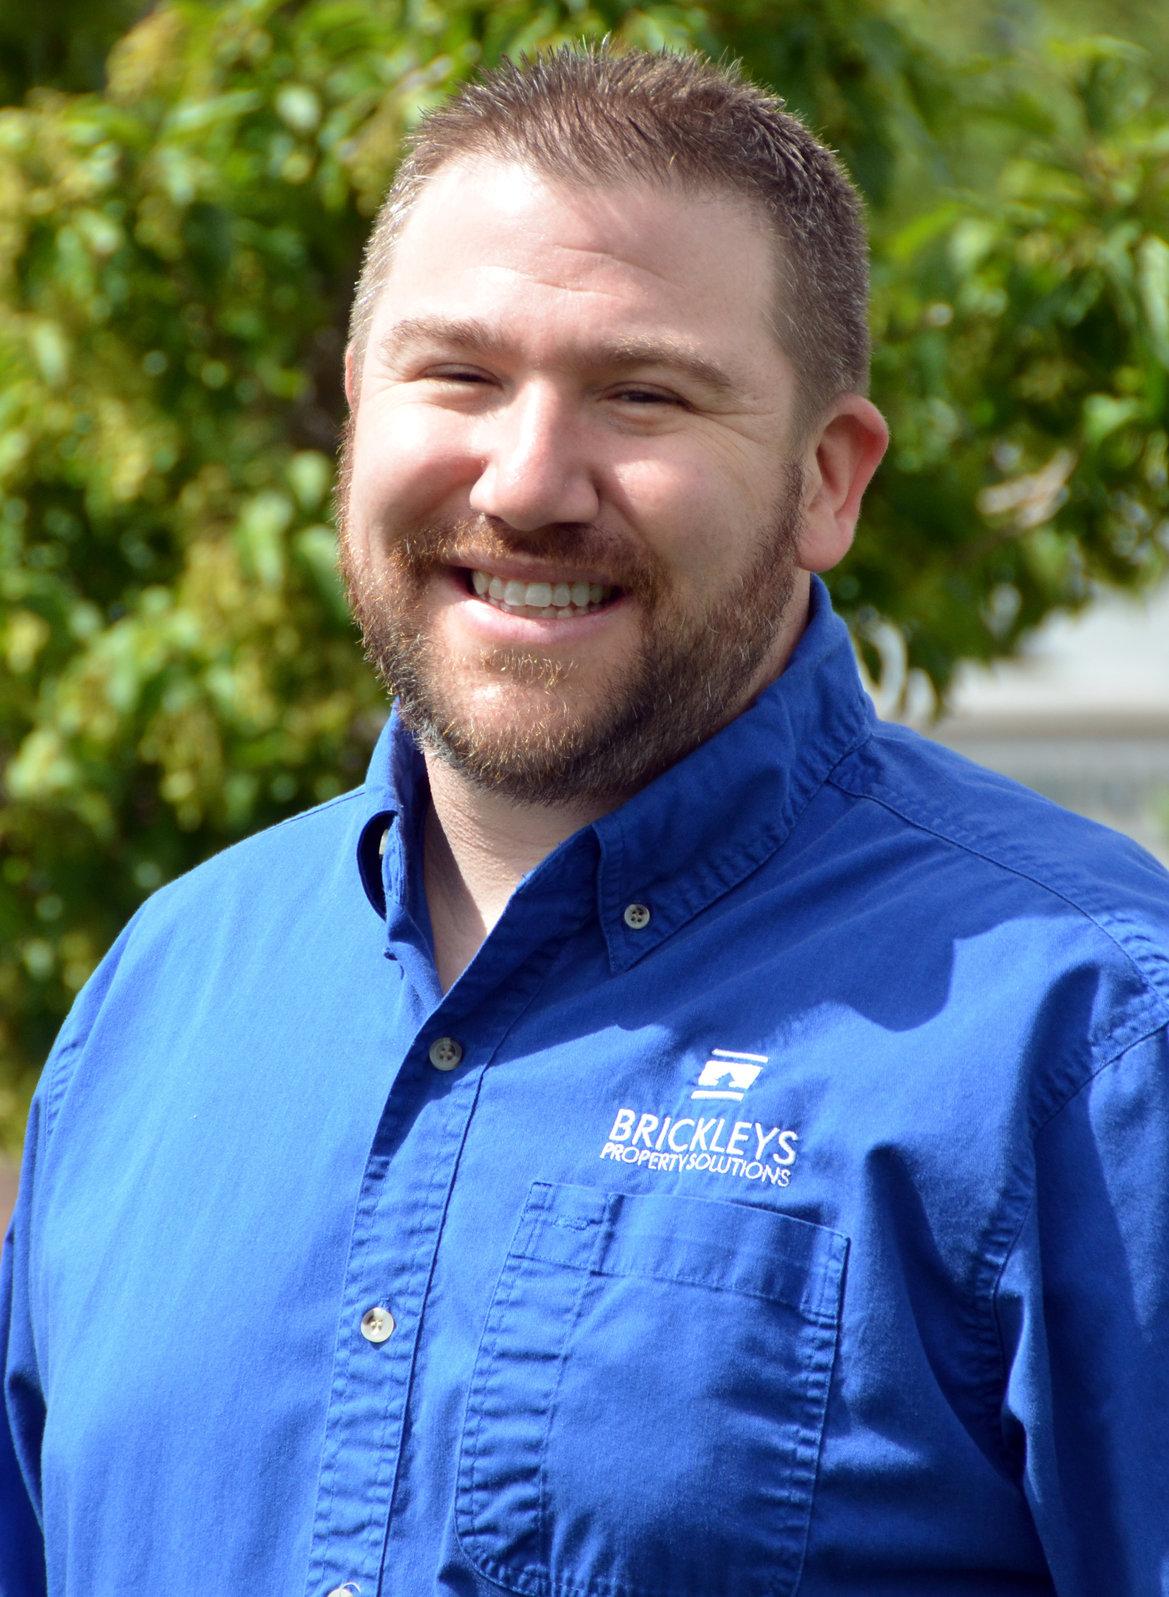 Aaron Lieber